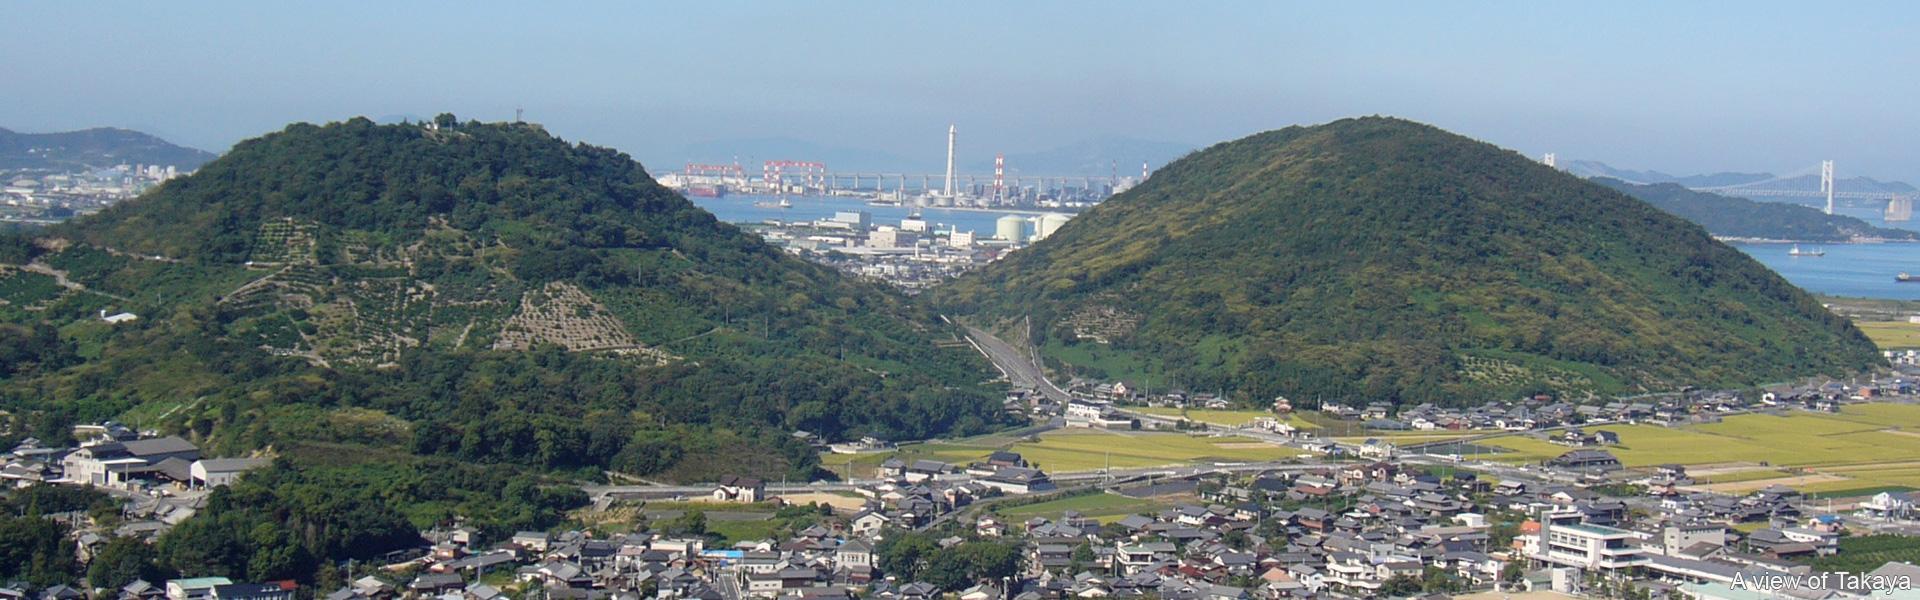 A view of Takaya